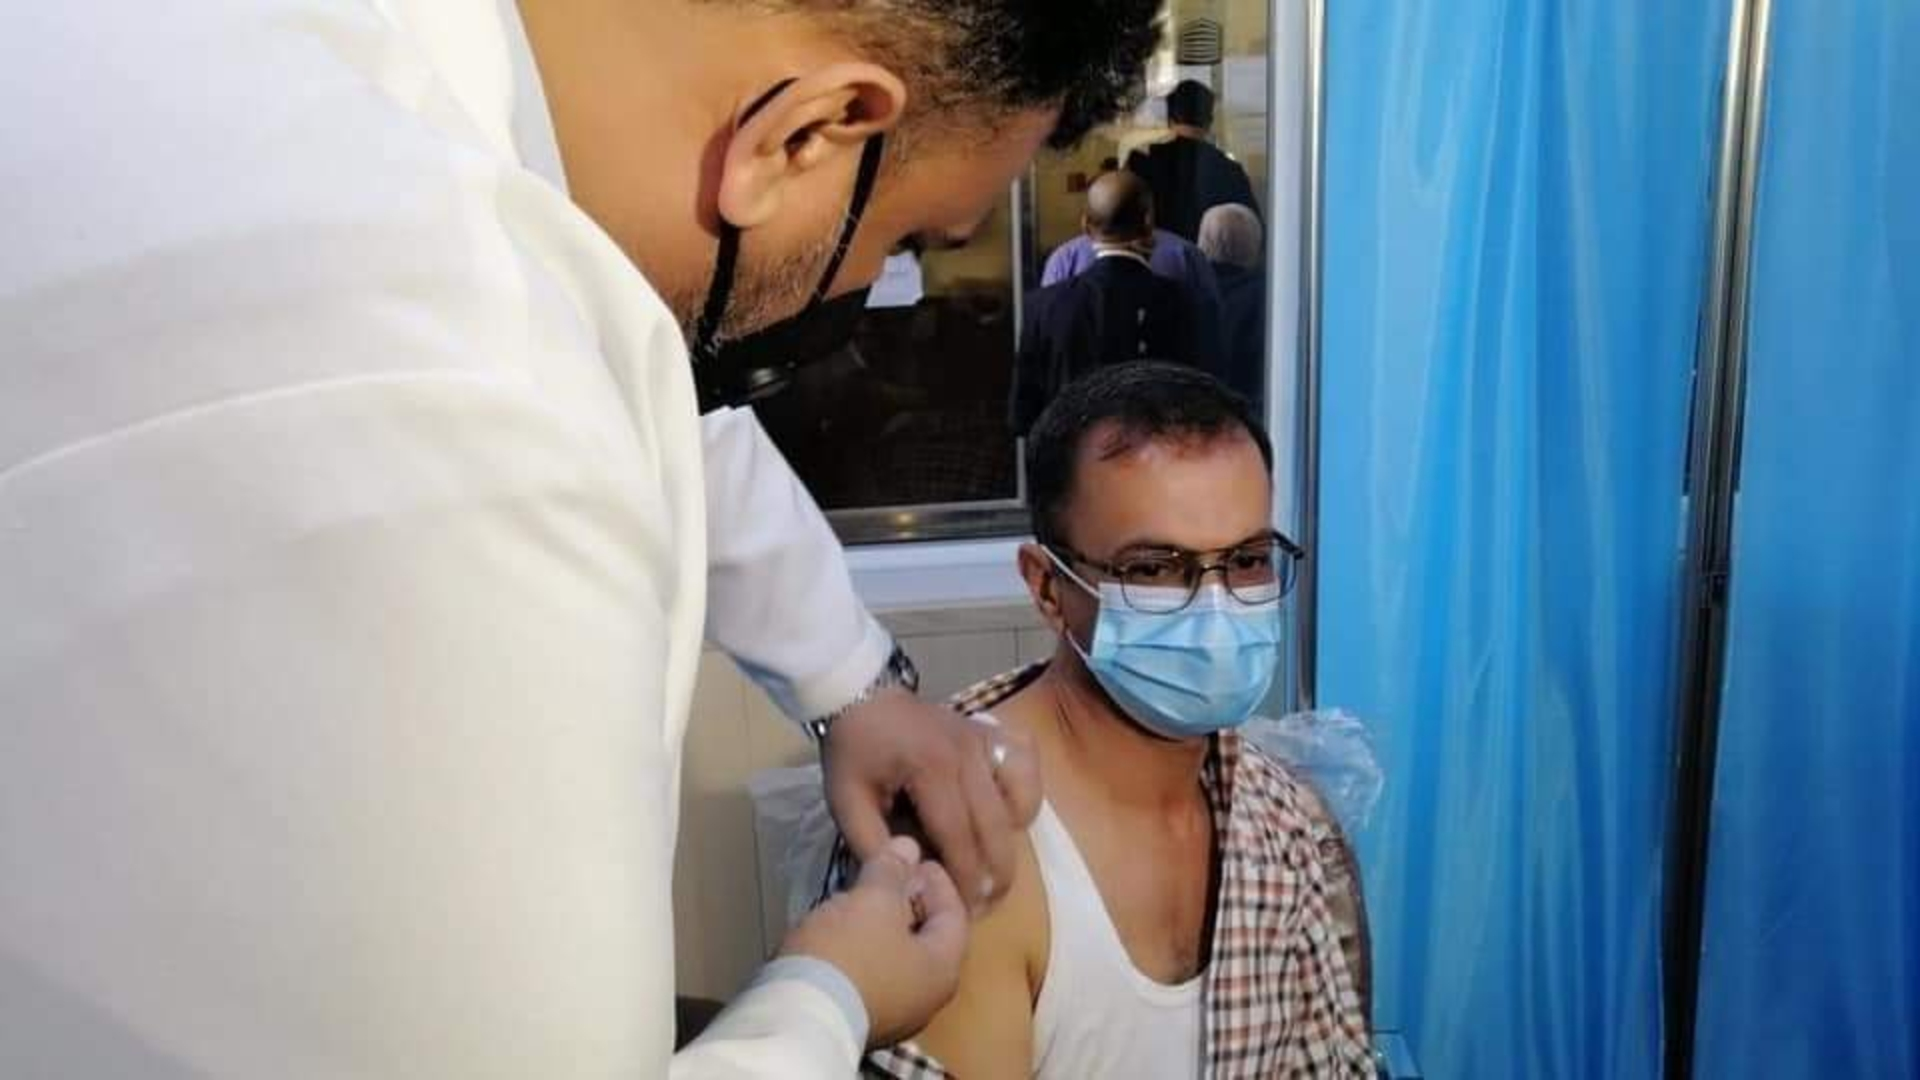 وزارة الصحة تحث المواطنين على التلقيح ضد كورونا